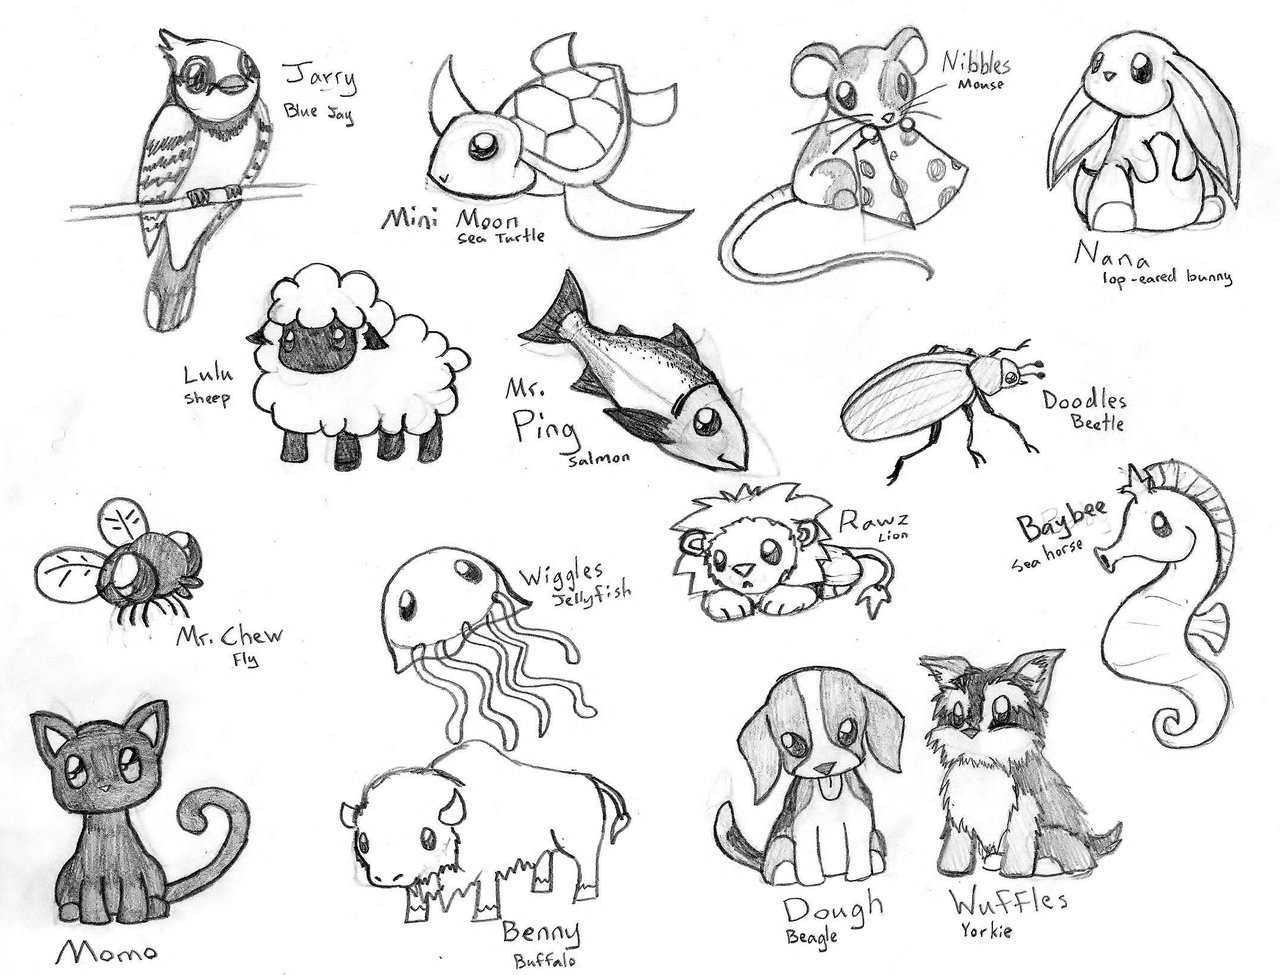 1280x975 Drawn Animal Adorable Animal